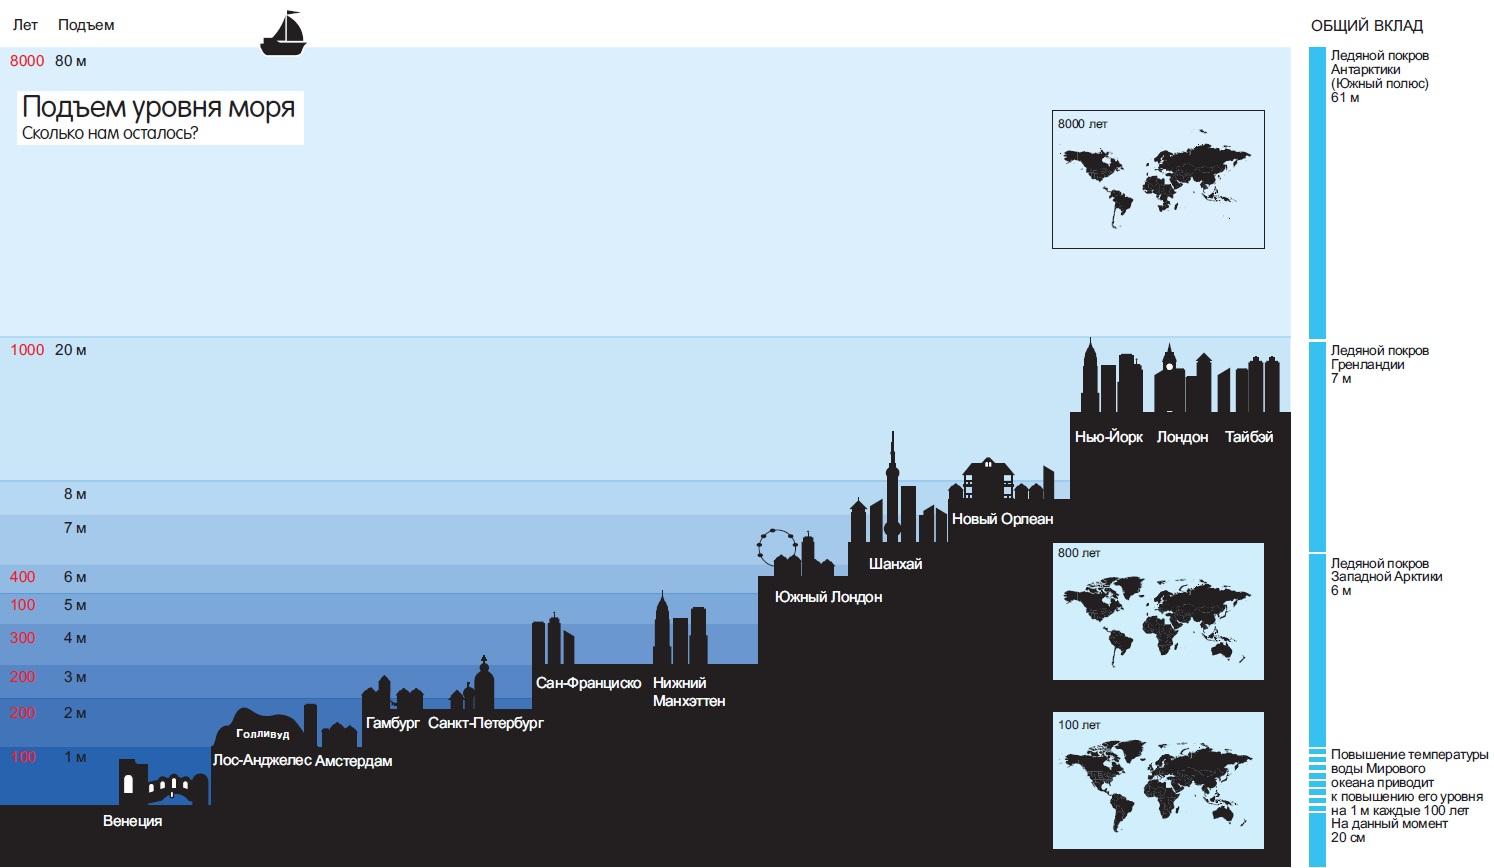 Рис. 3. Последствия поднятия уровня мирового океана